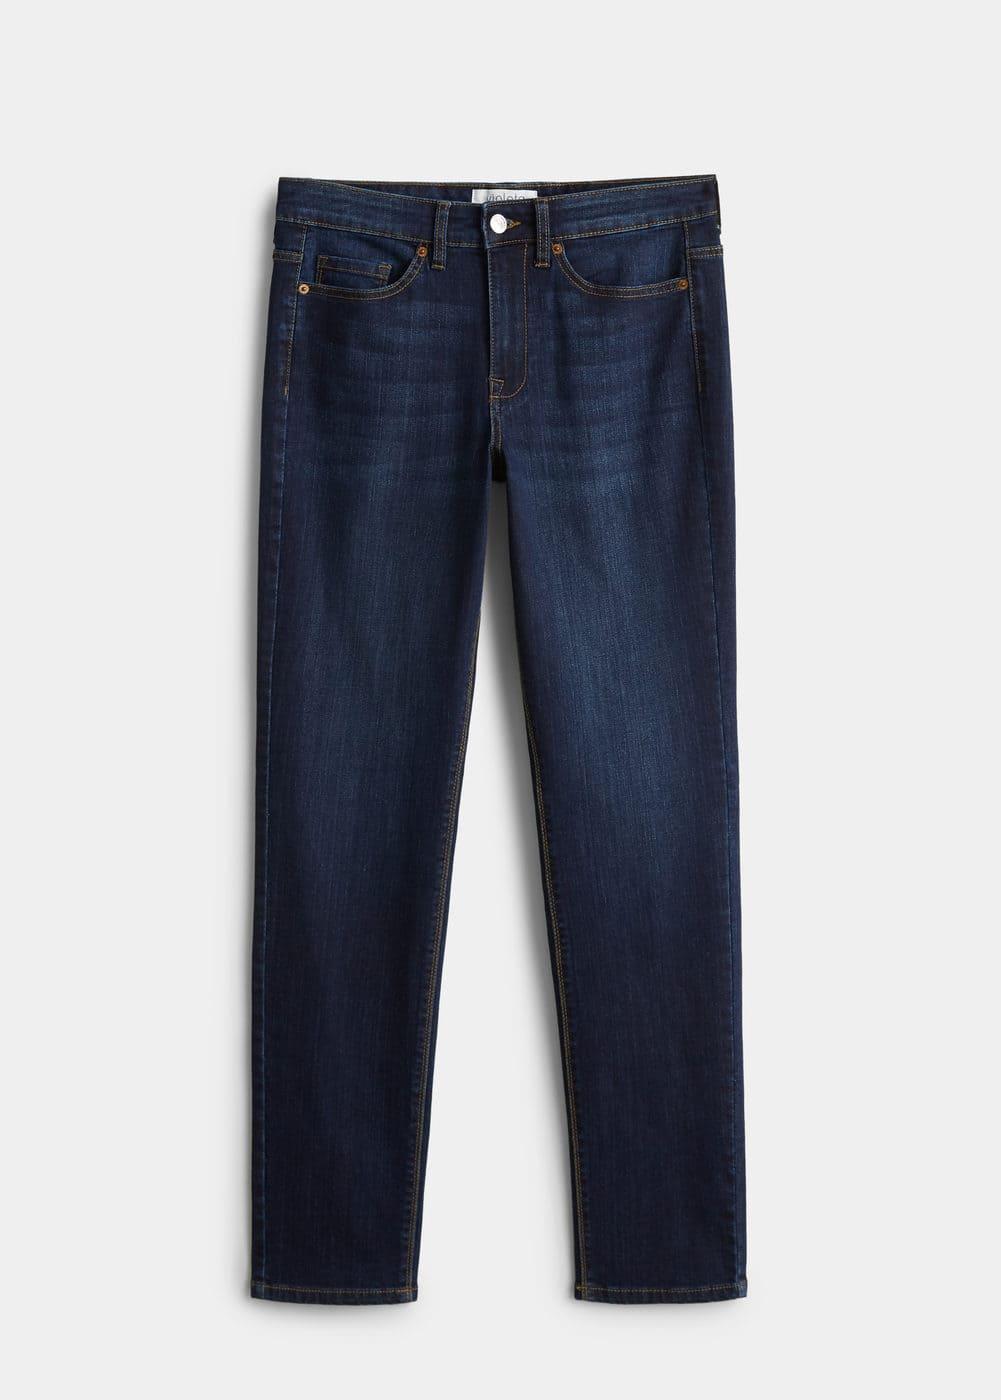 Mango - Slim-fit Susan jeans - 6